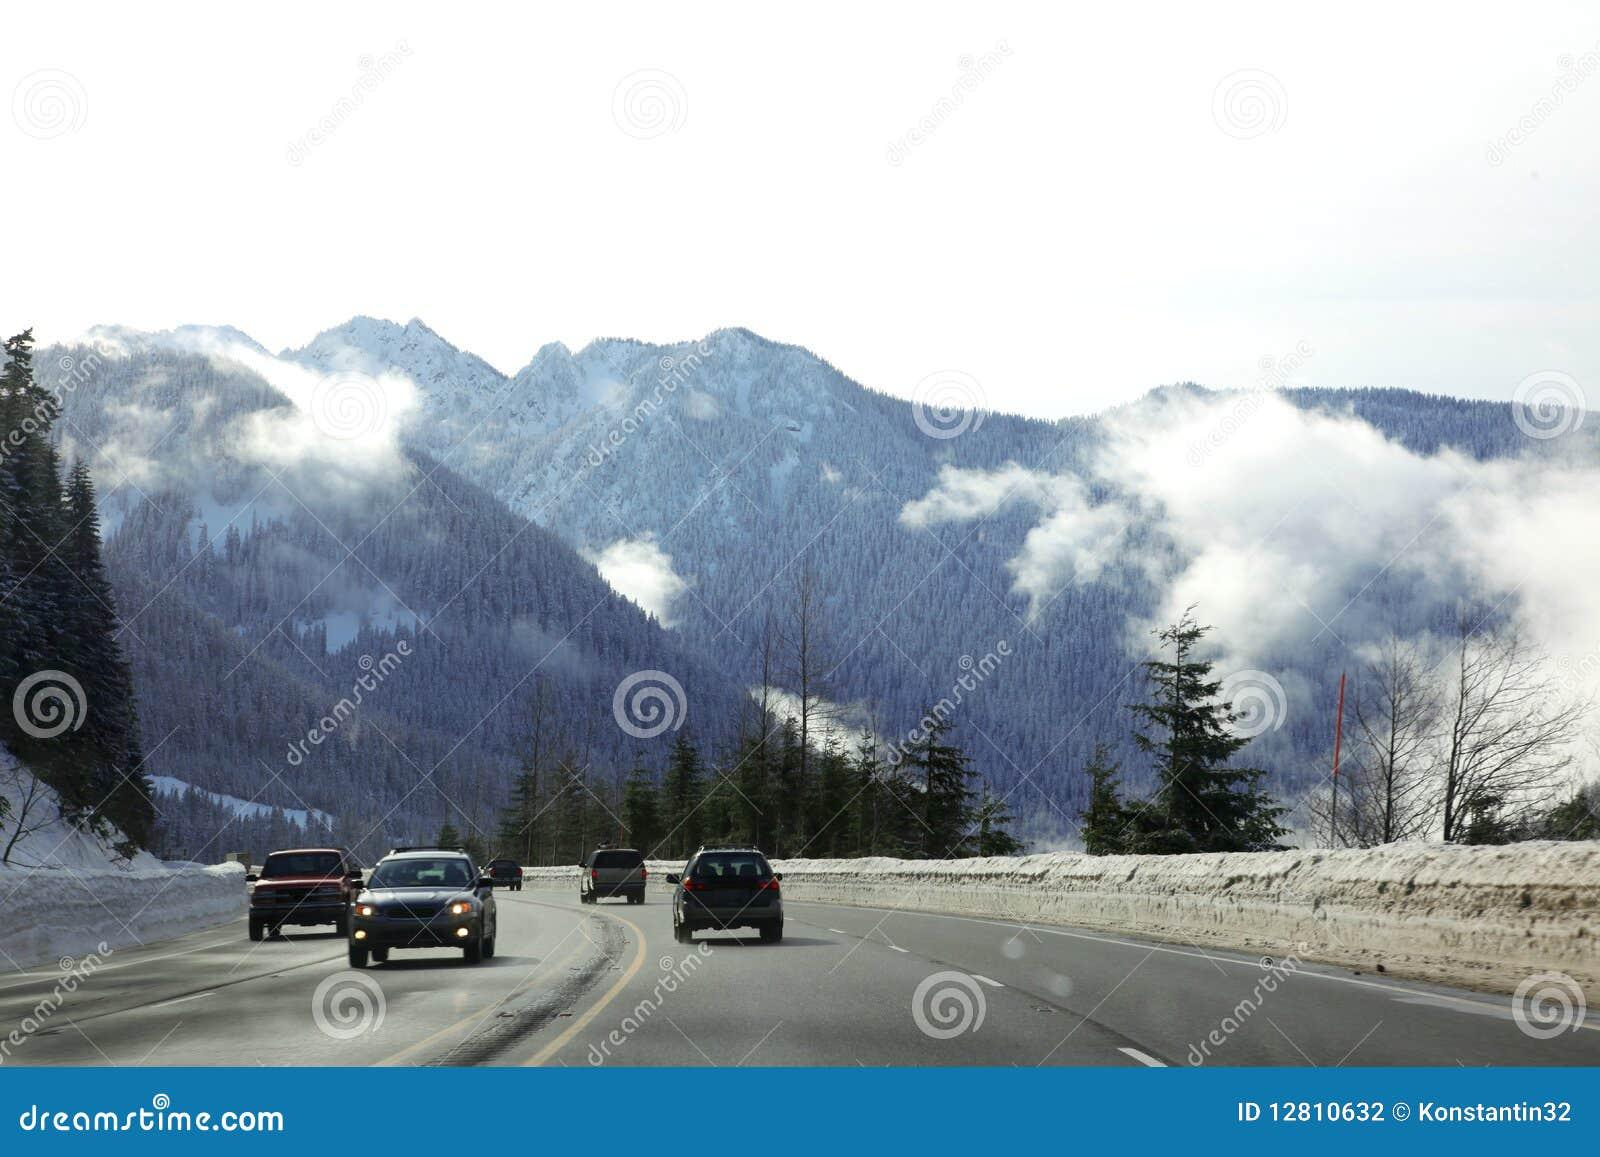 Estrada com Mt, inverno frio em Montana